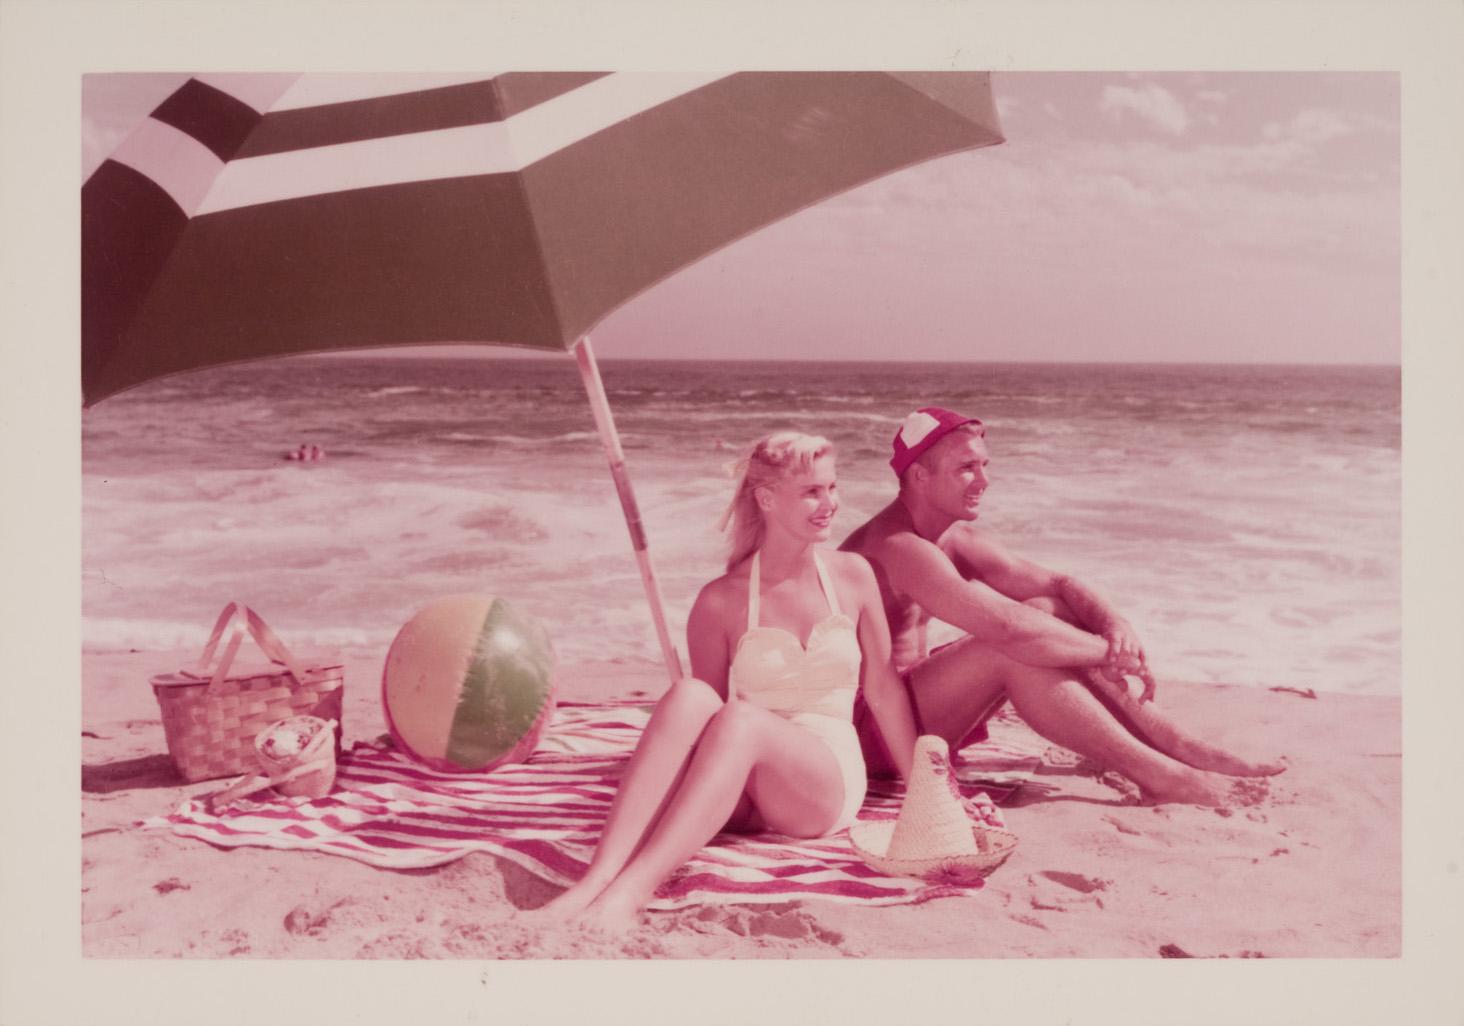 Kodacolor Print 1955